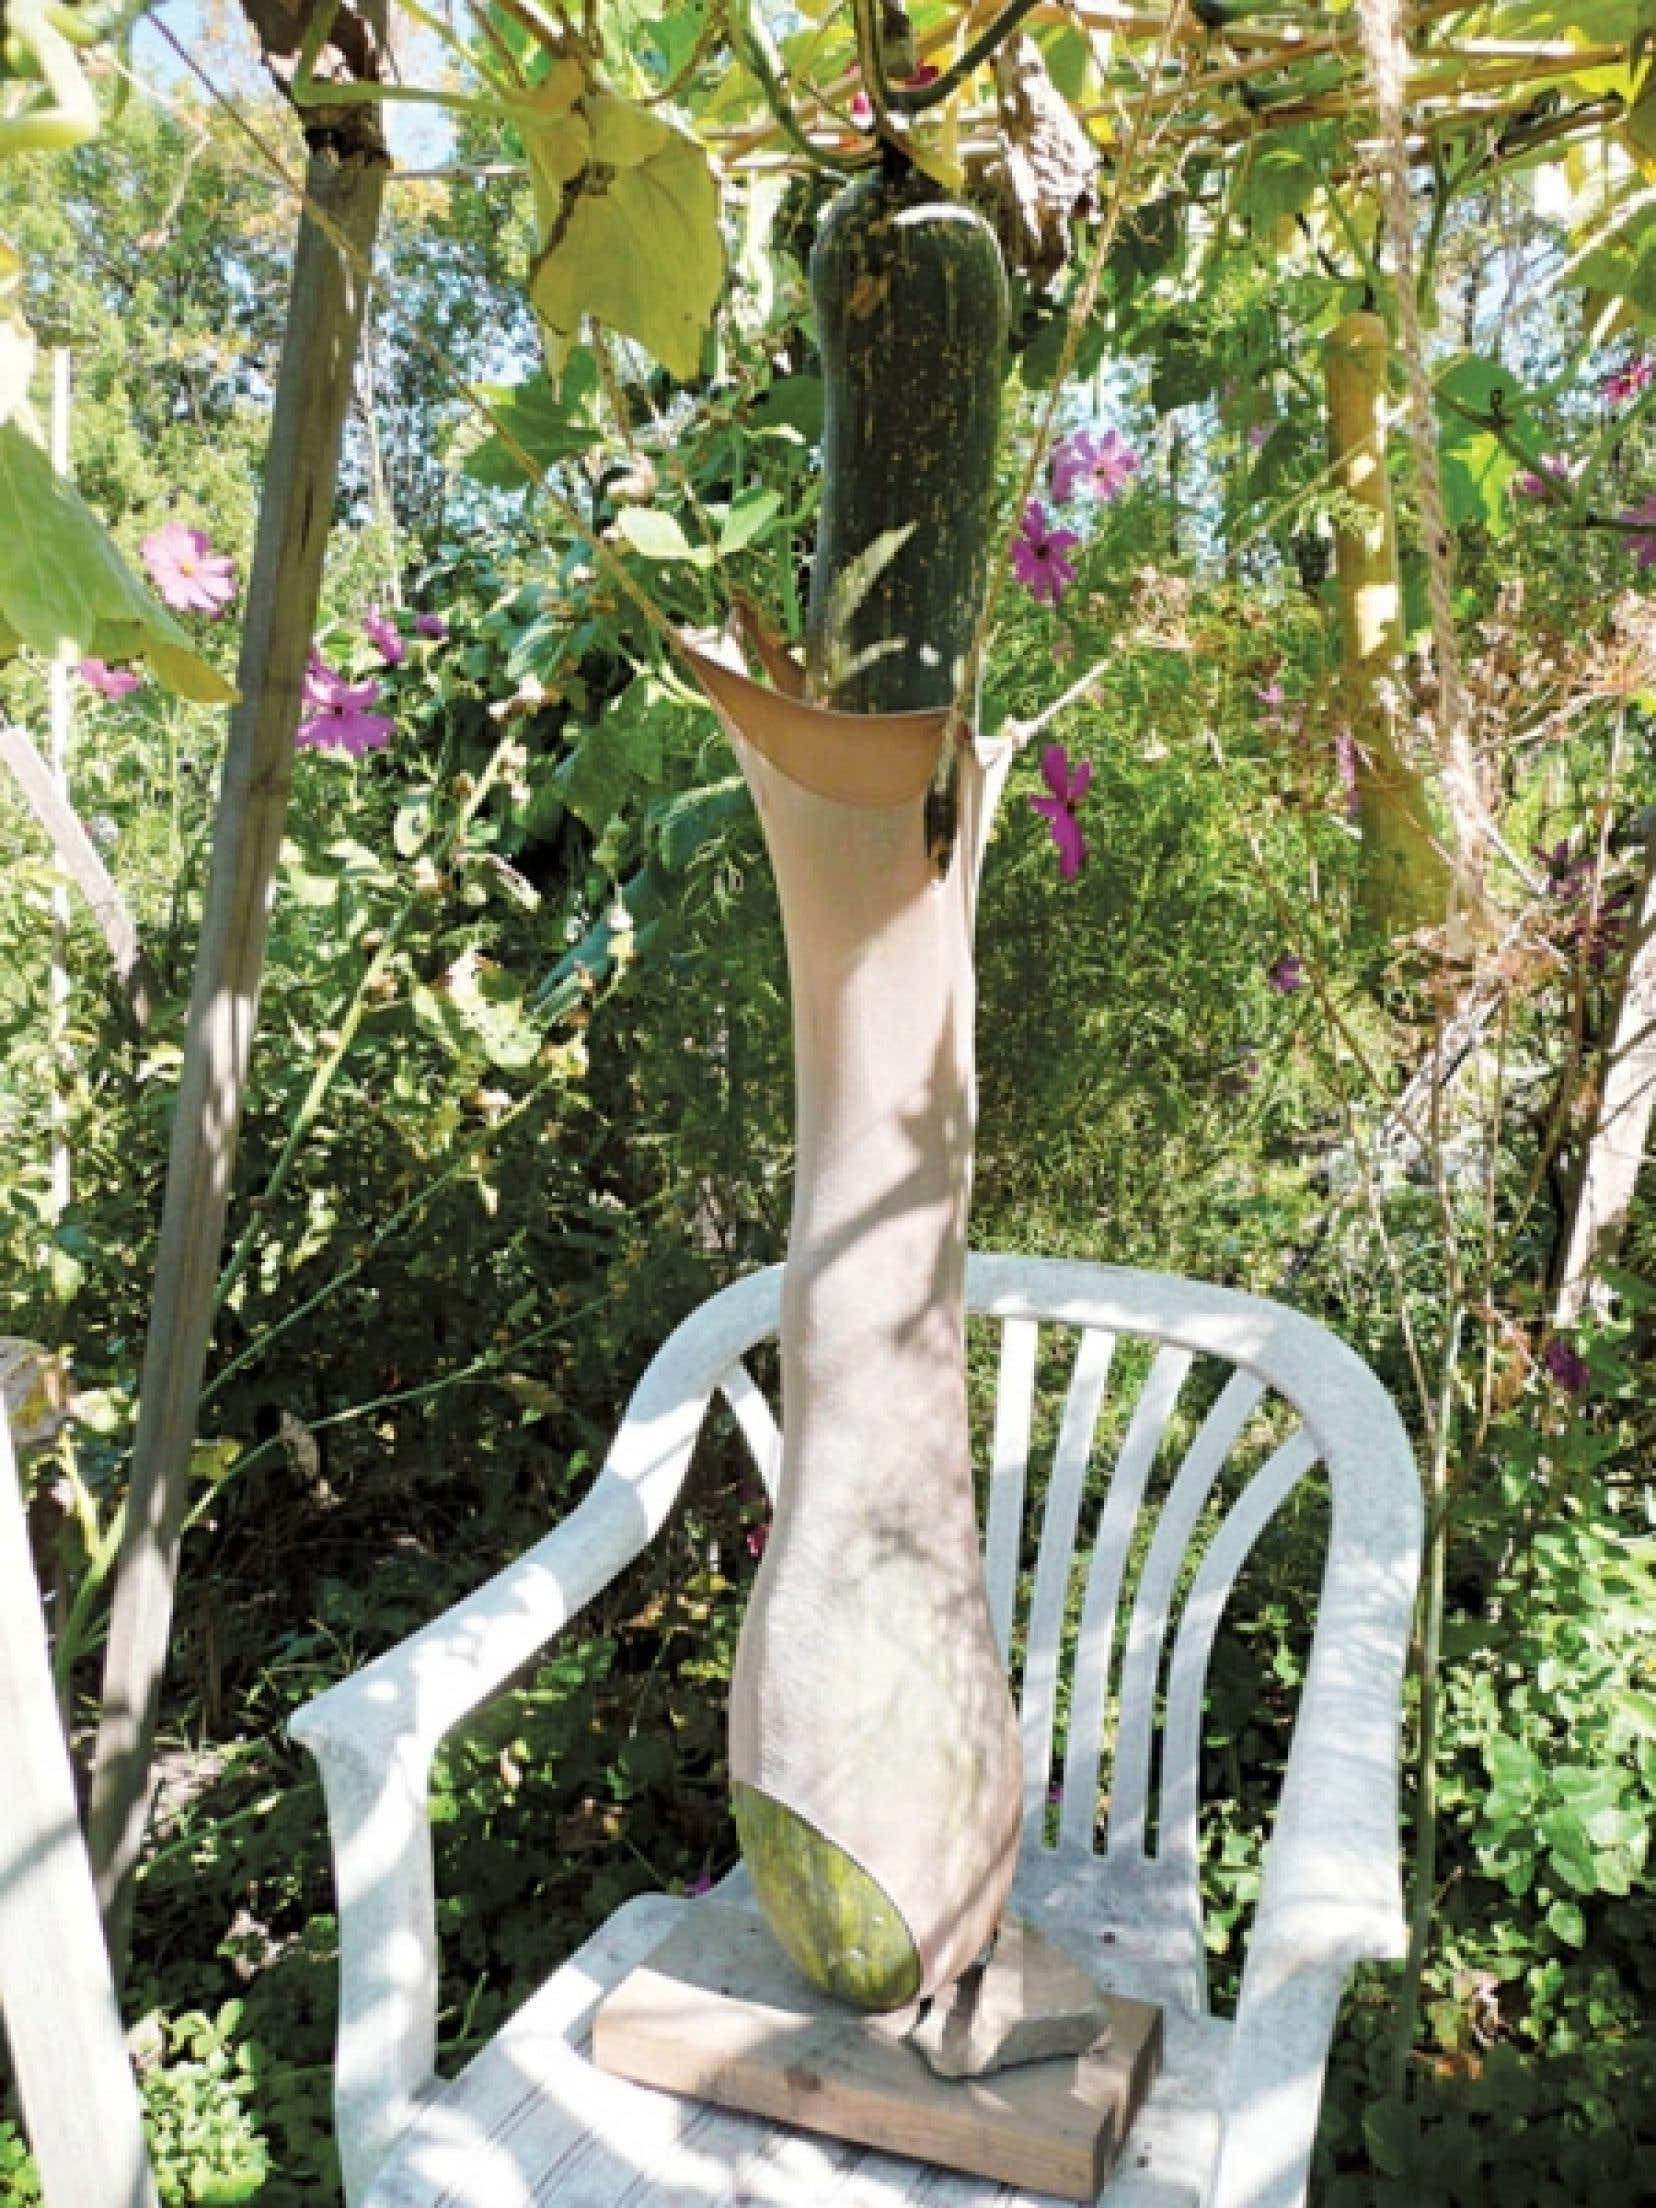 La géante courge d'Éléna au jardin communautaire Les Églantiers est si lourde qu'elle doit être soutenue par une chaise.